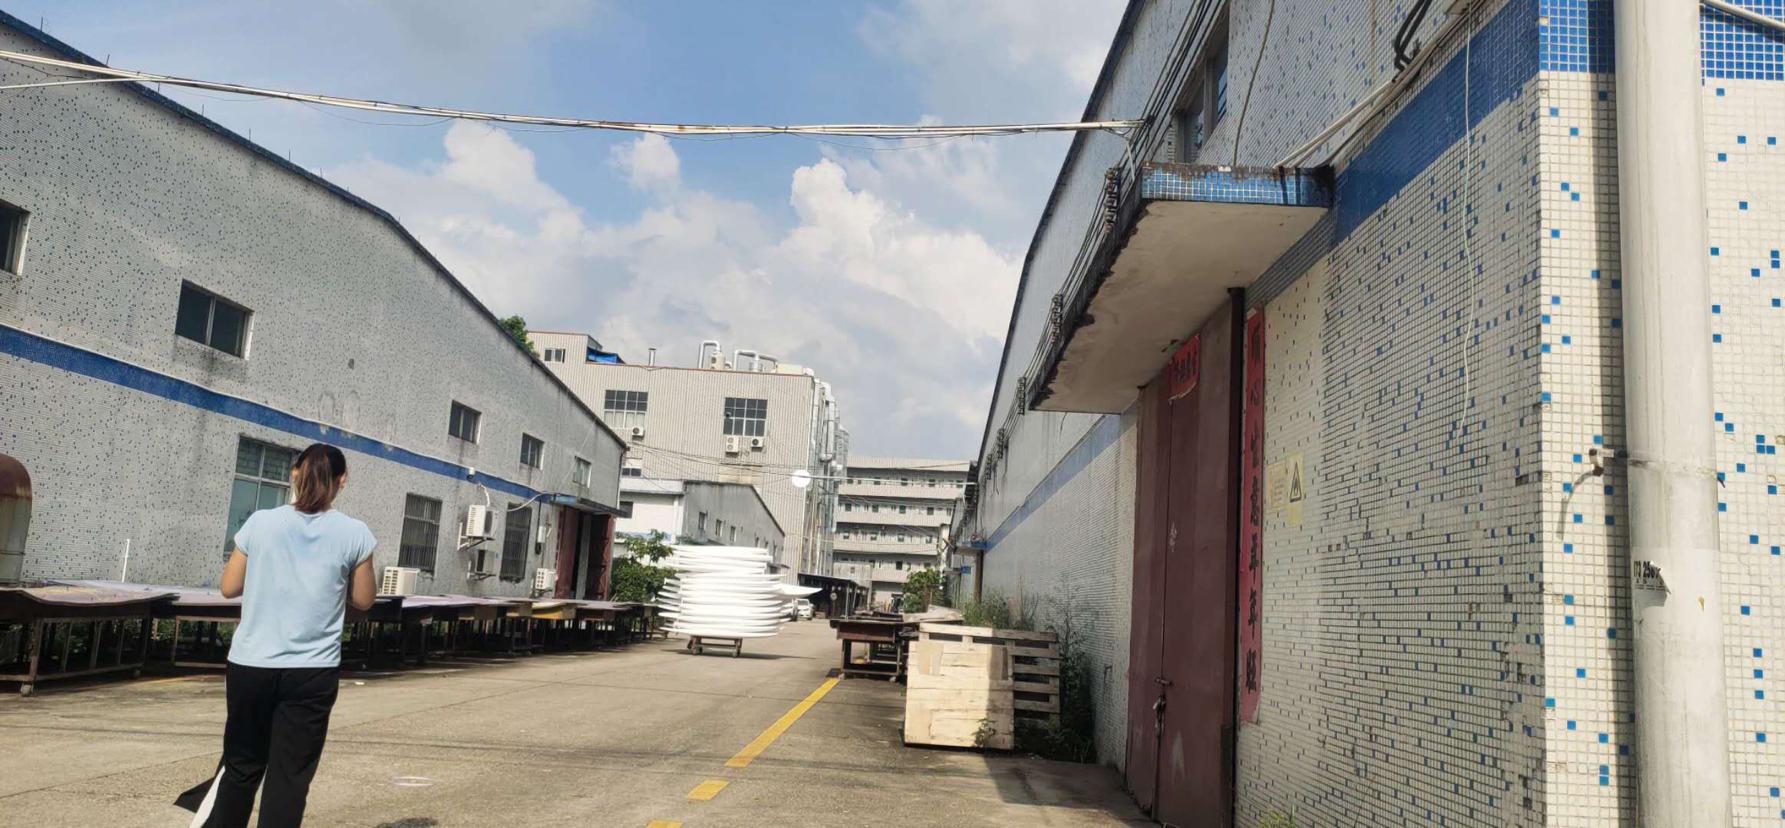 龙岗坪地独院2000平高8米原房东红本仓库厂房出租200起租